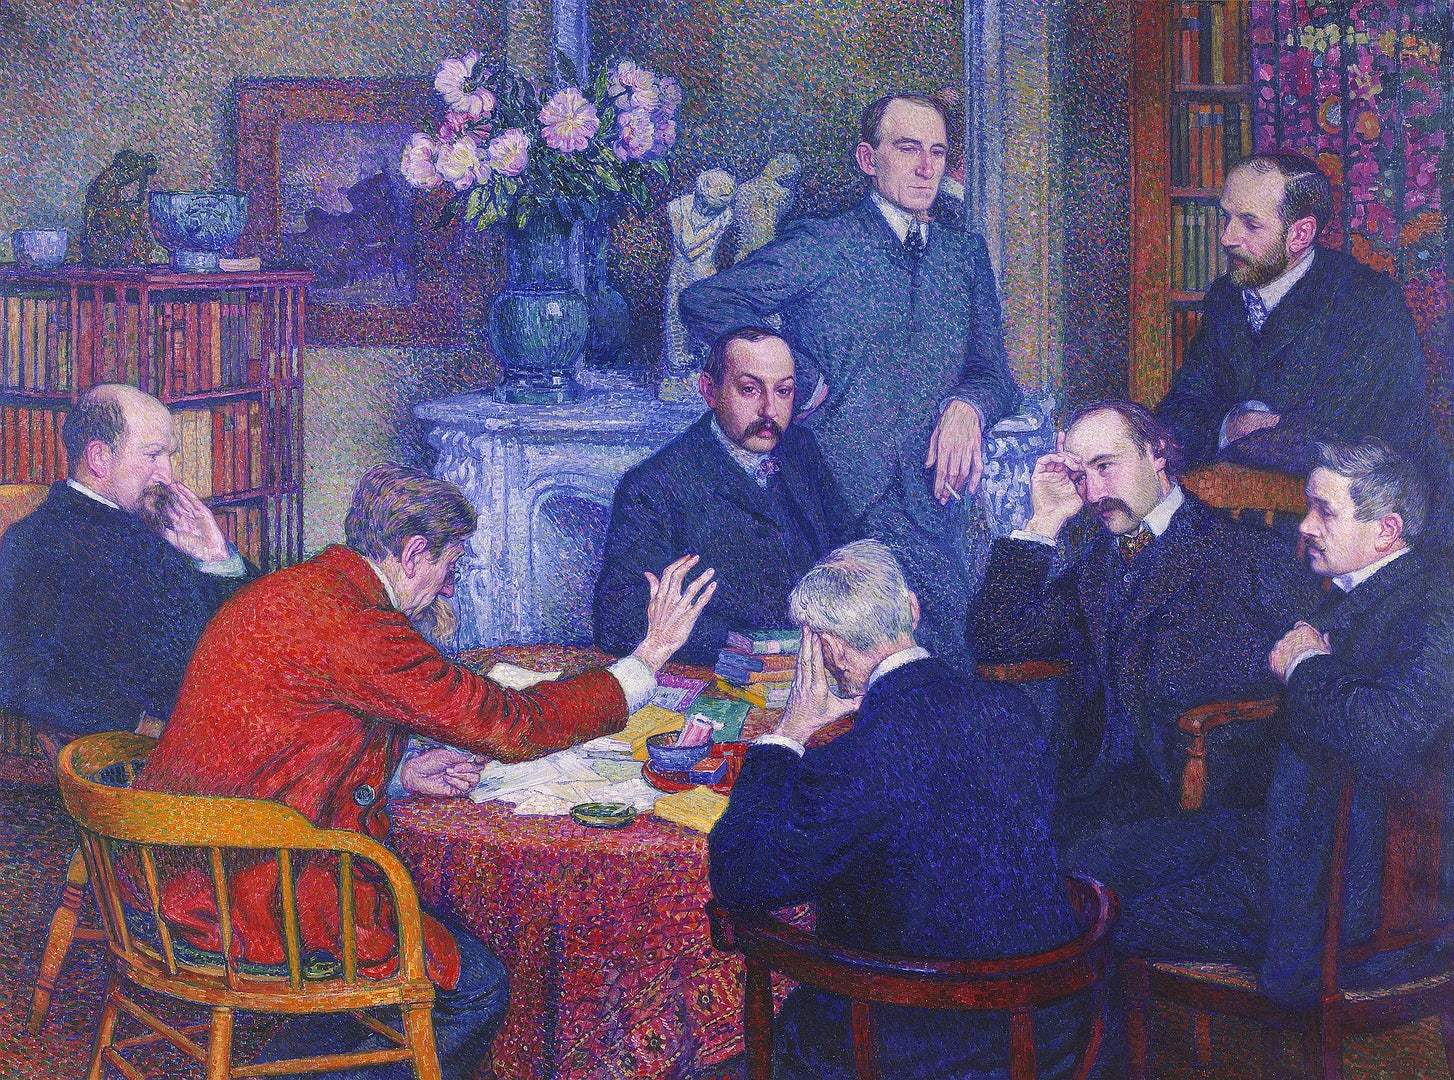 Van Rysselberghe De lezing door Emile Verhaeren 1903